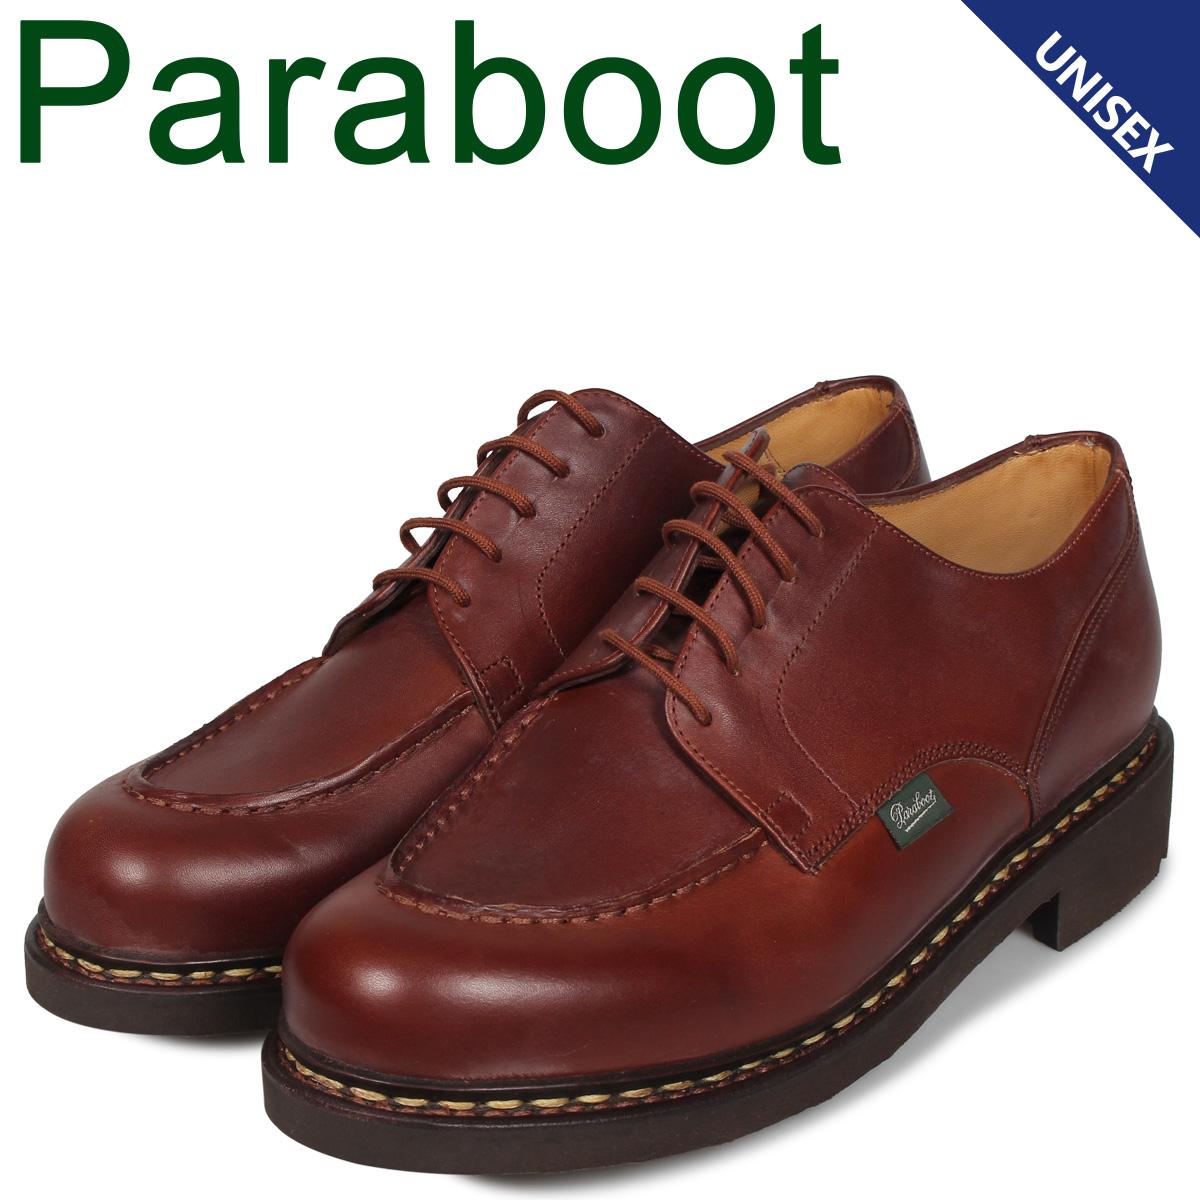 PARABOOT パラブーツ シャンボード シューズ ビジネスシューズ メンズ レディース CHAMBORD ブラウン 710708